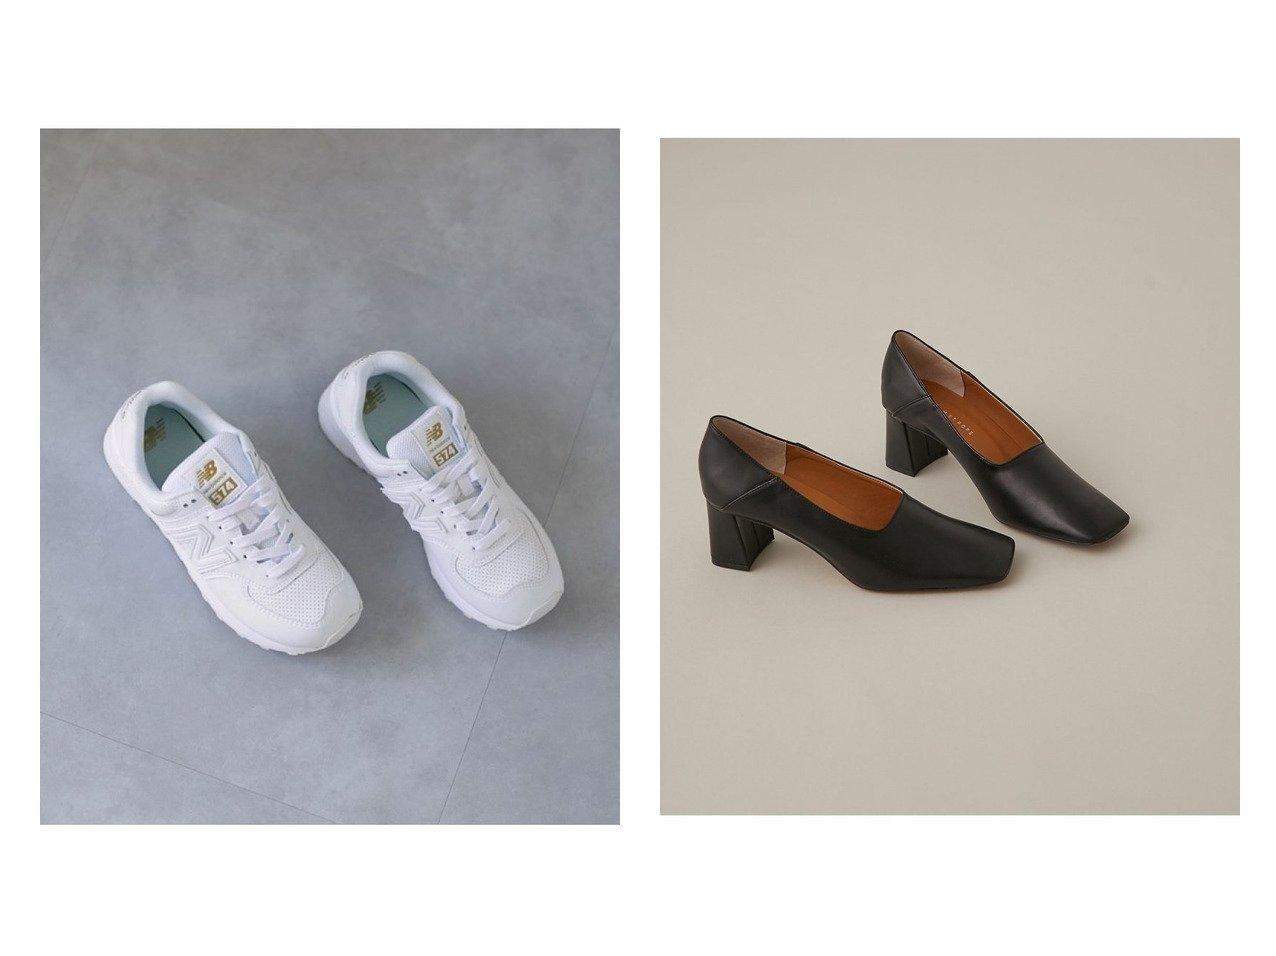 【new balance/ニューバランス】のWL574SYI&【Adam et Rope/アダム エ ロペ】のブロックヒールスクエアシューズ シューズ・靴のおすすめ!人気、トレンド・レディースファッションの通販 おすすめで人気の流行・トレンド、ファッションの通販商品 メンズファッション・キッズファッション・インテリア・家具・レディースファッション・服の通販 founy(ファニー) https://founy.com/ ファッション Fashion レディースファッション WOMEN A/W 秋冬 AW Autumn/Winter / FW Fall-Winter シューズ フォルム ブロック 今季 定番 Standard クッション スニーカー スリッポン 人気 バランス フィット ボストン  ID:crp329100000014033